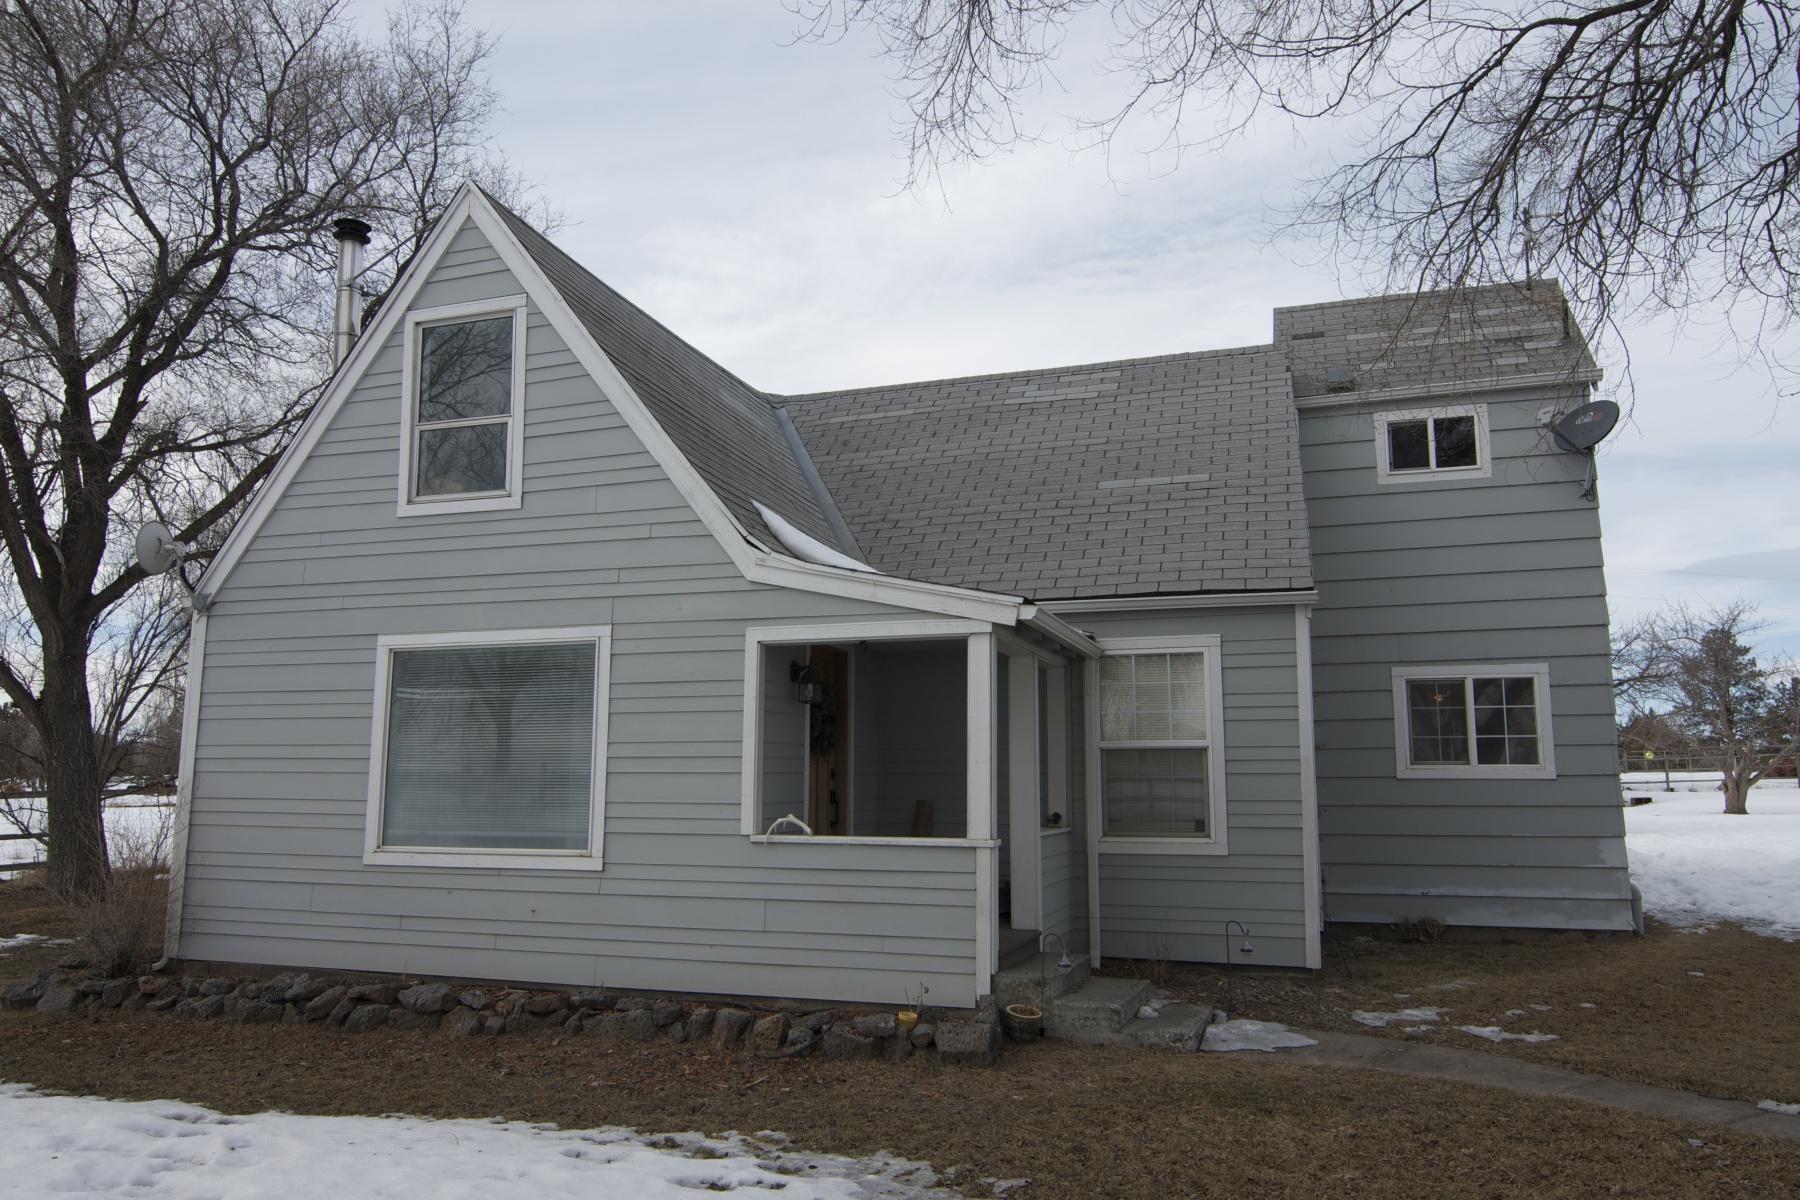 Maison unifamiliale pour l Vente à Mini Farm with Maxi Views 7463 SW Canal Blvd Redmond, Oregon, 97756 États-Unis